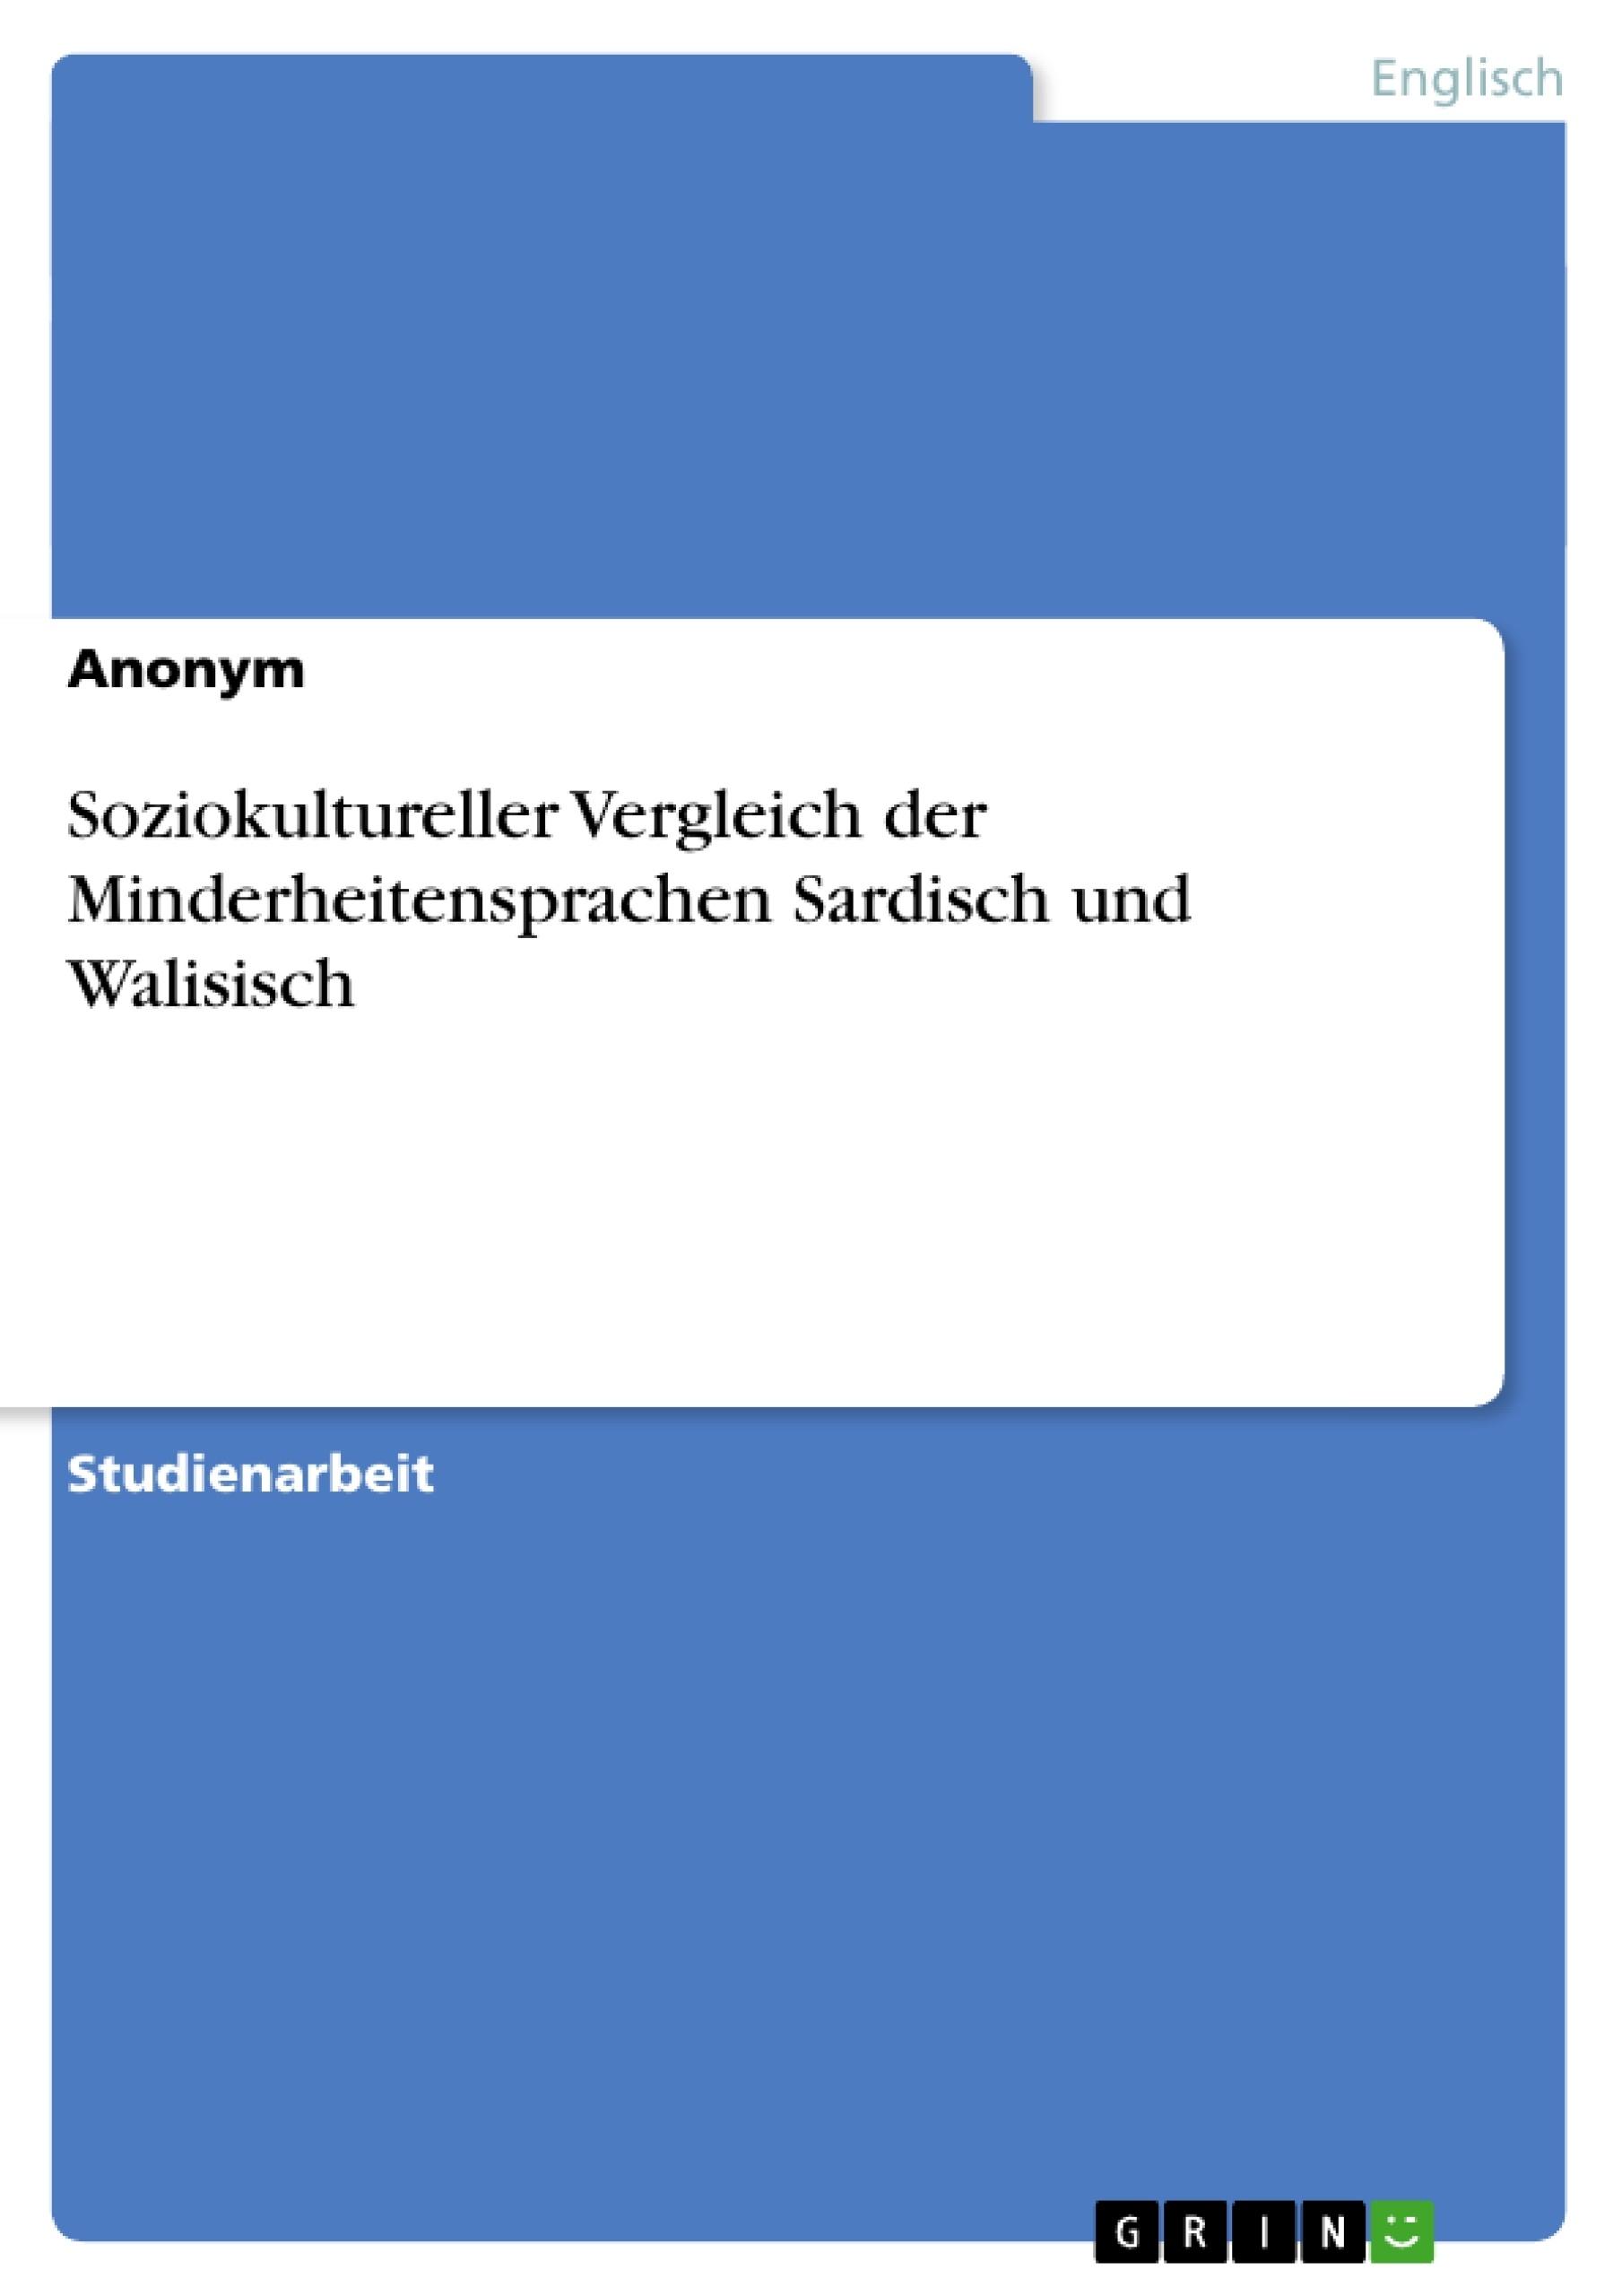 Titel: Soziokultureller Vergleich der Minderheitensprachen Sardisch und Walisisch